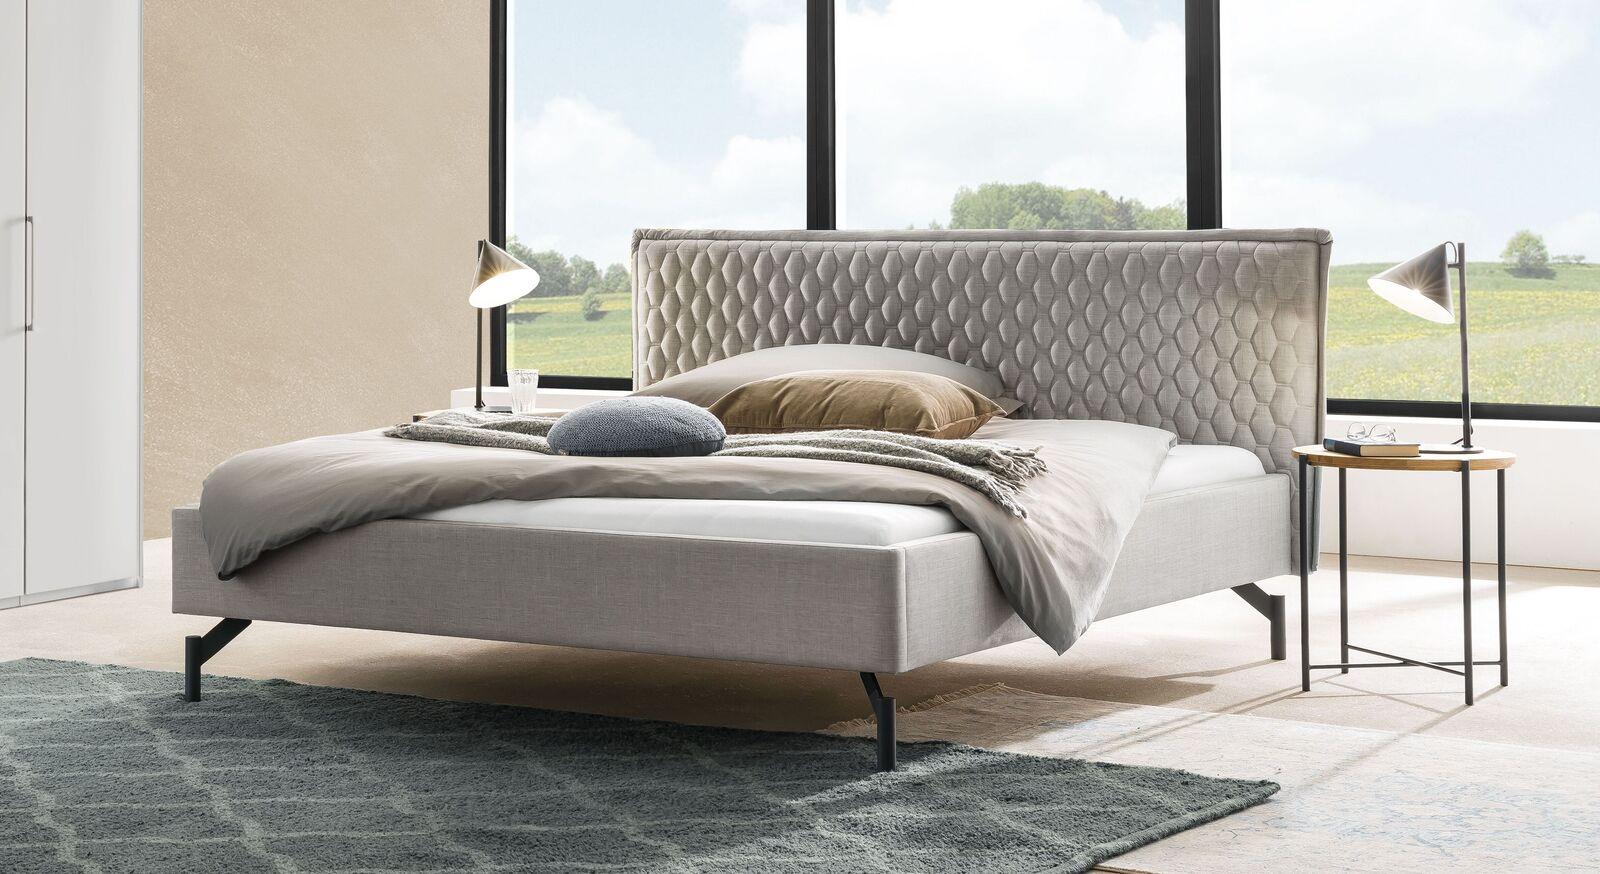 Bett Esko aus grauem Webstoff